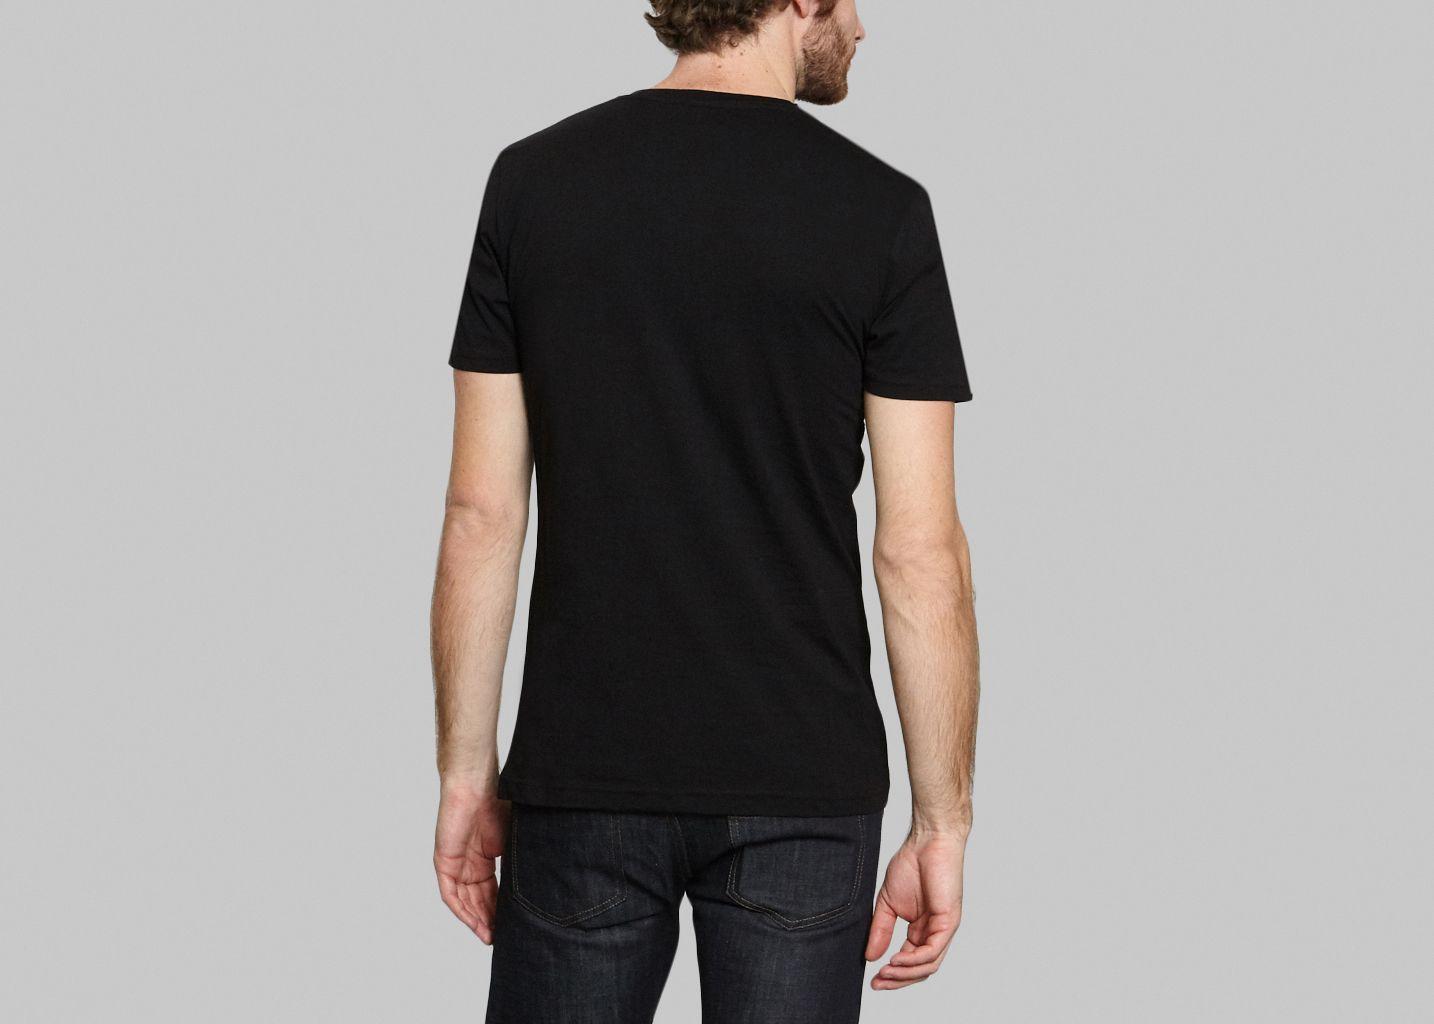 Tshirt Provider - Quatre Cent Quinze